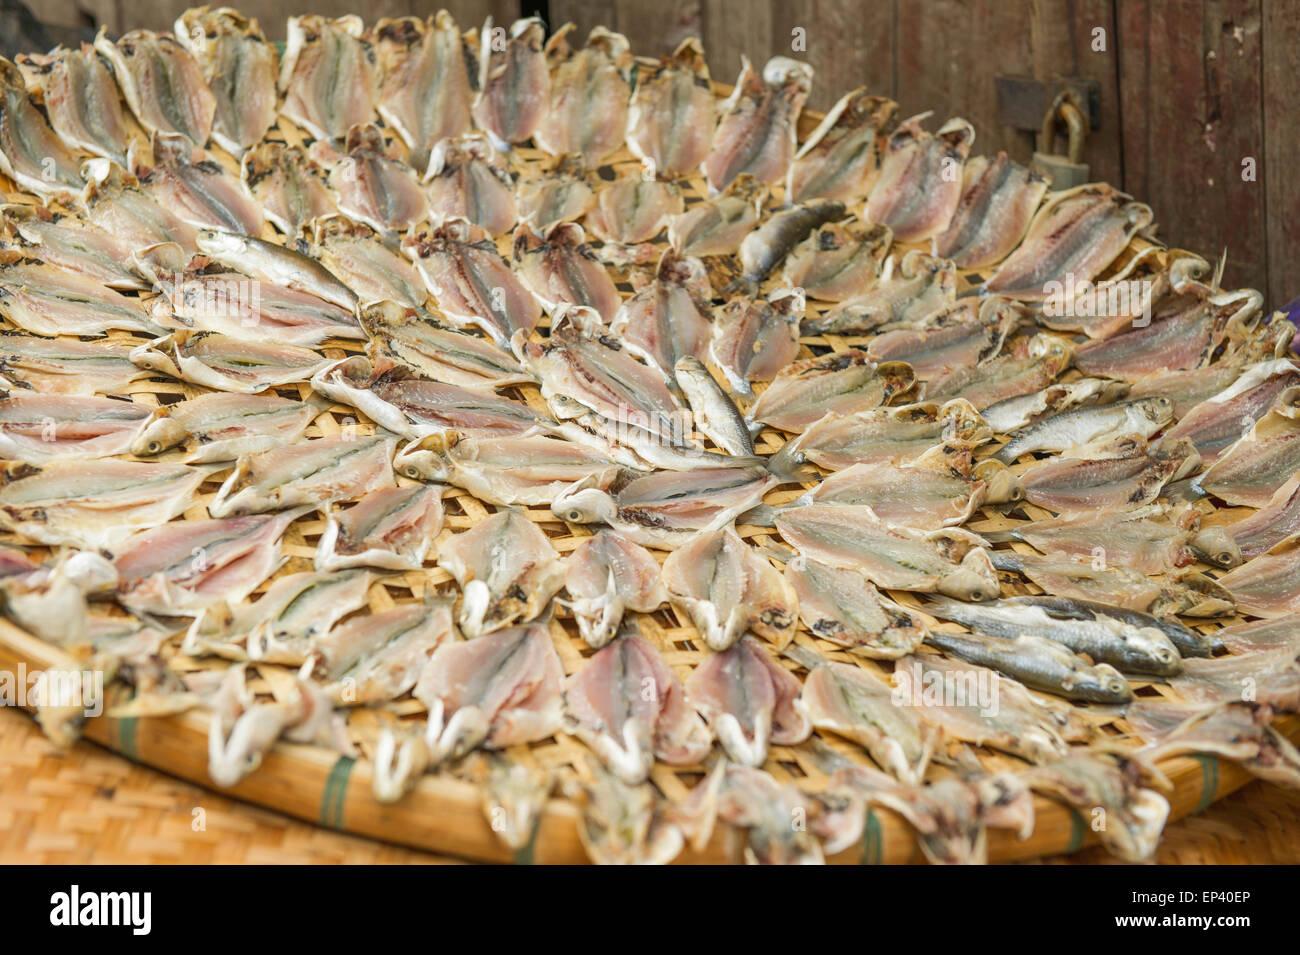 Fish drying on a reed weaved tray, Lantau Island, Hong Kong, China - Stock Image